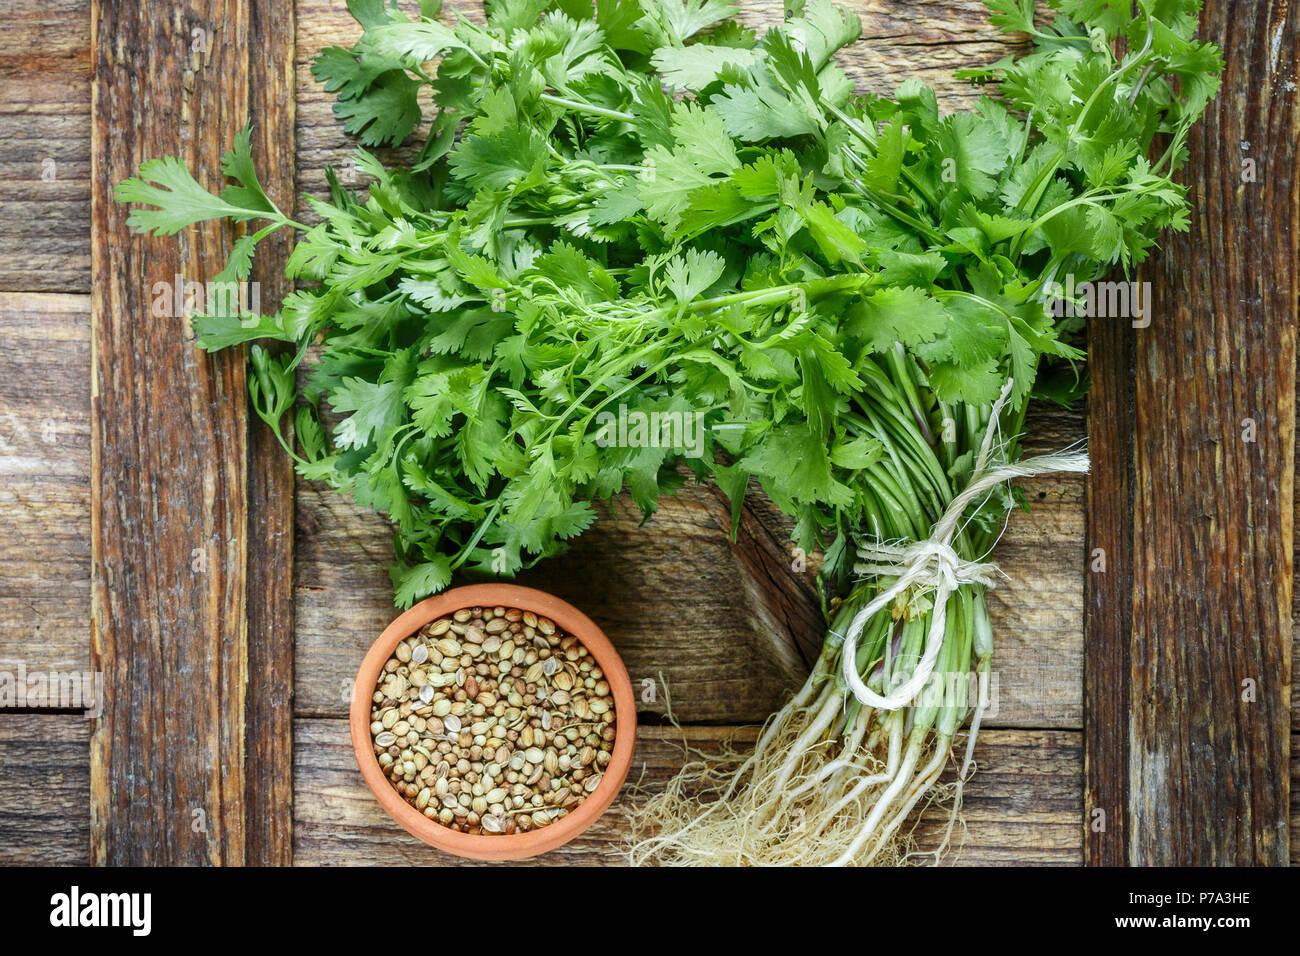 Fresco verde coriandolo, foglie di coriandolo e i semi secchi su una superficie di legno. Messa a fuoco selettiva Immagini Stock